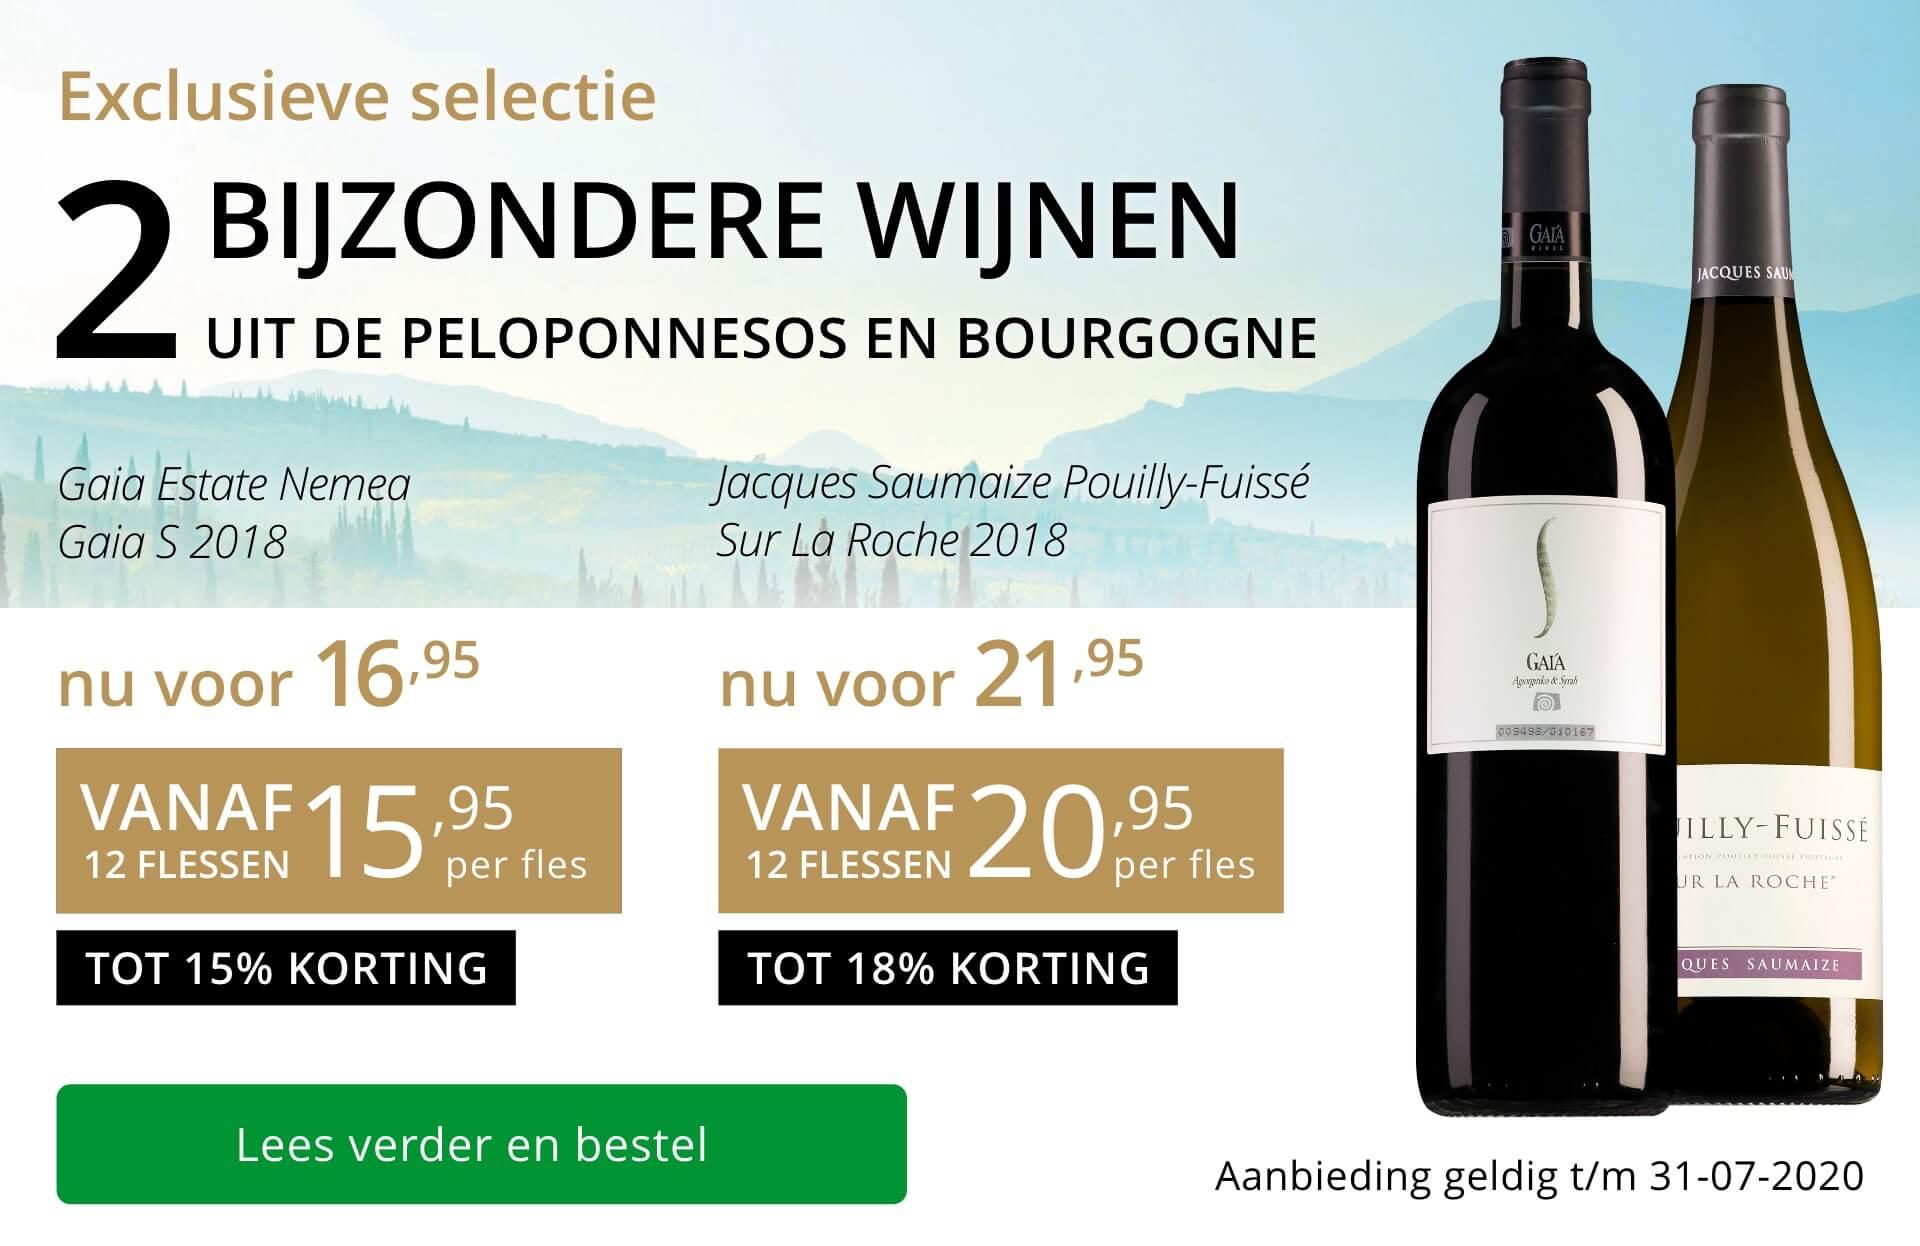 Twee bijzondere wijnen juli 2020-goud/zwart